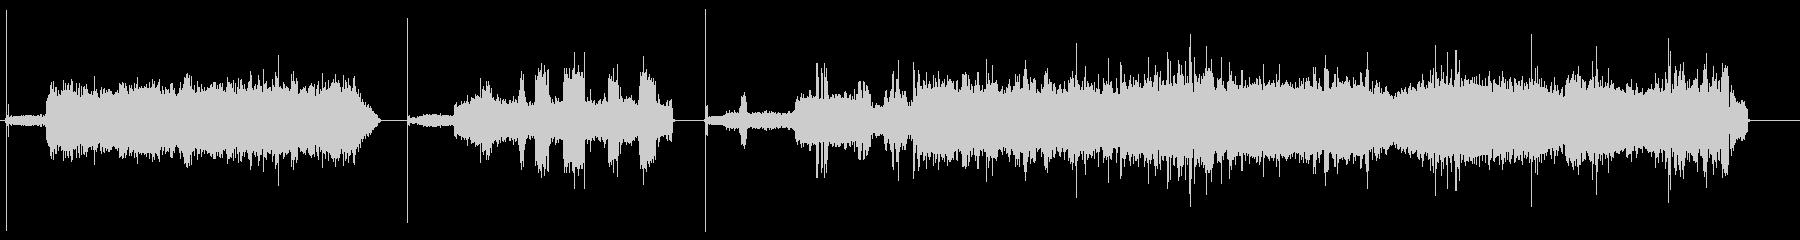 プラットフォーム9音声ページングス...の未再生の波形